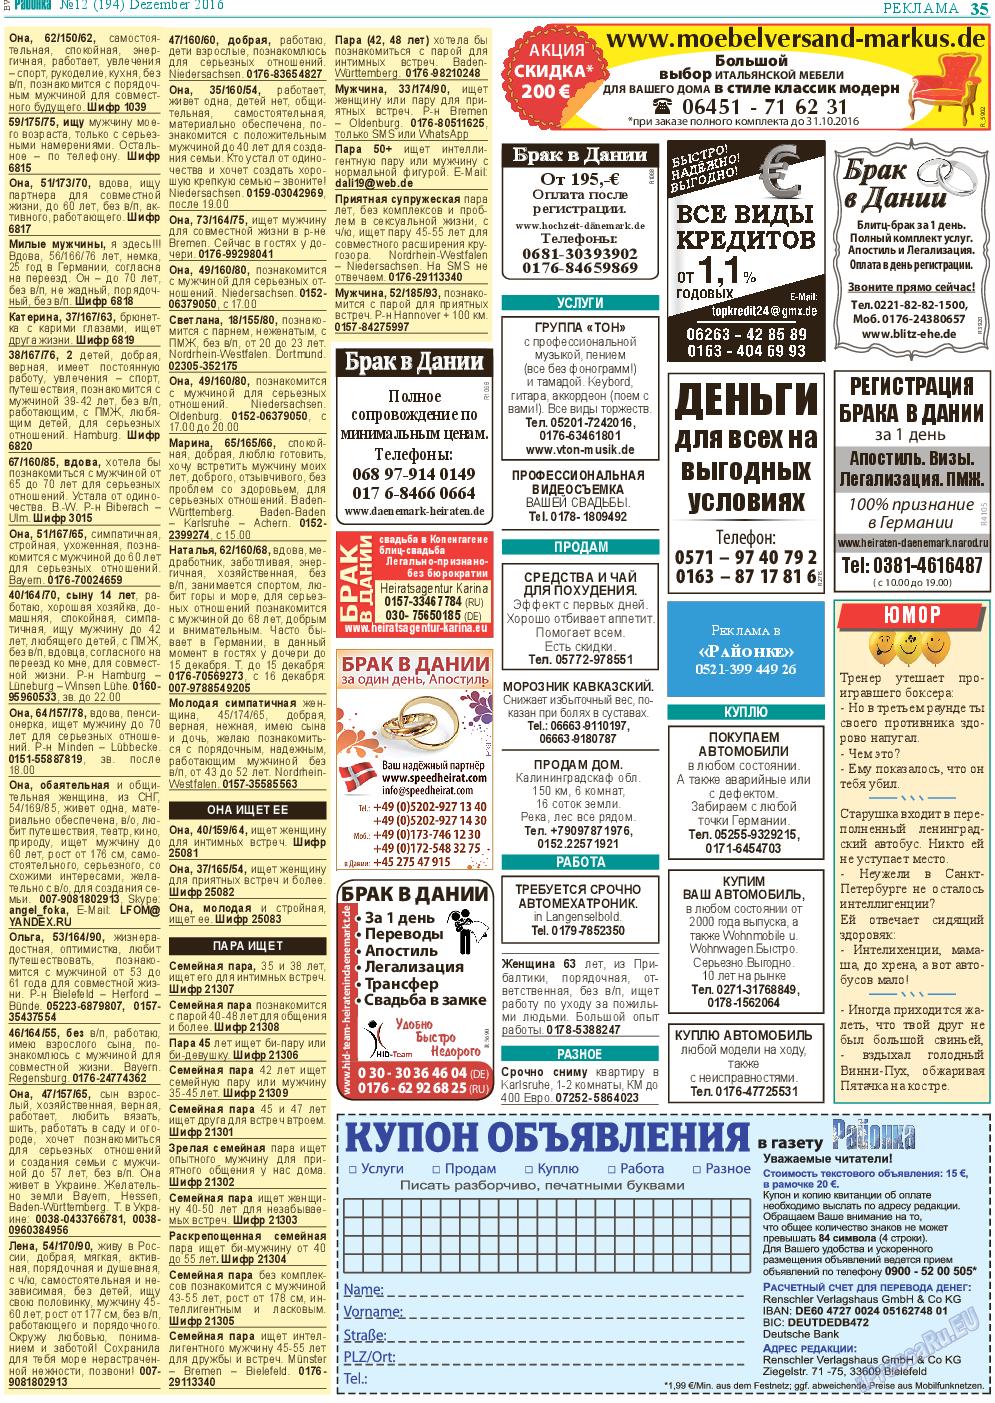 Районка-West (газета). 2016 год, номер 12, стр. 35